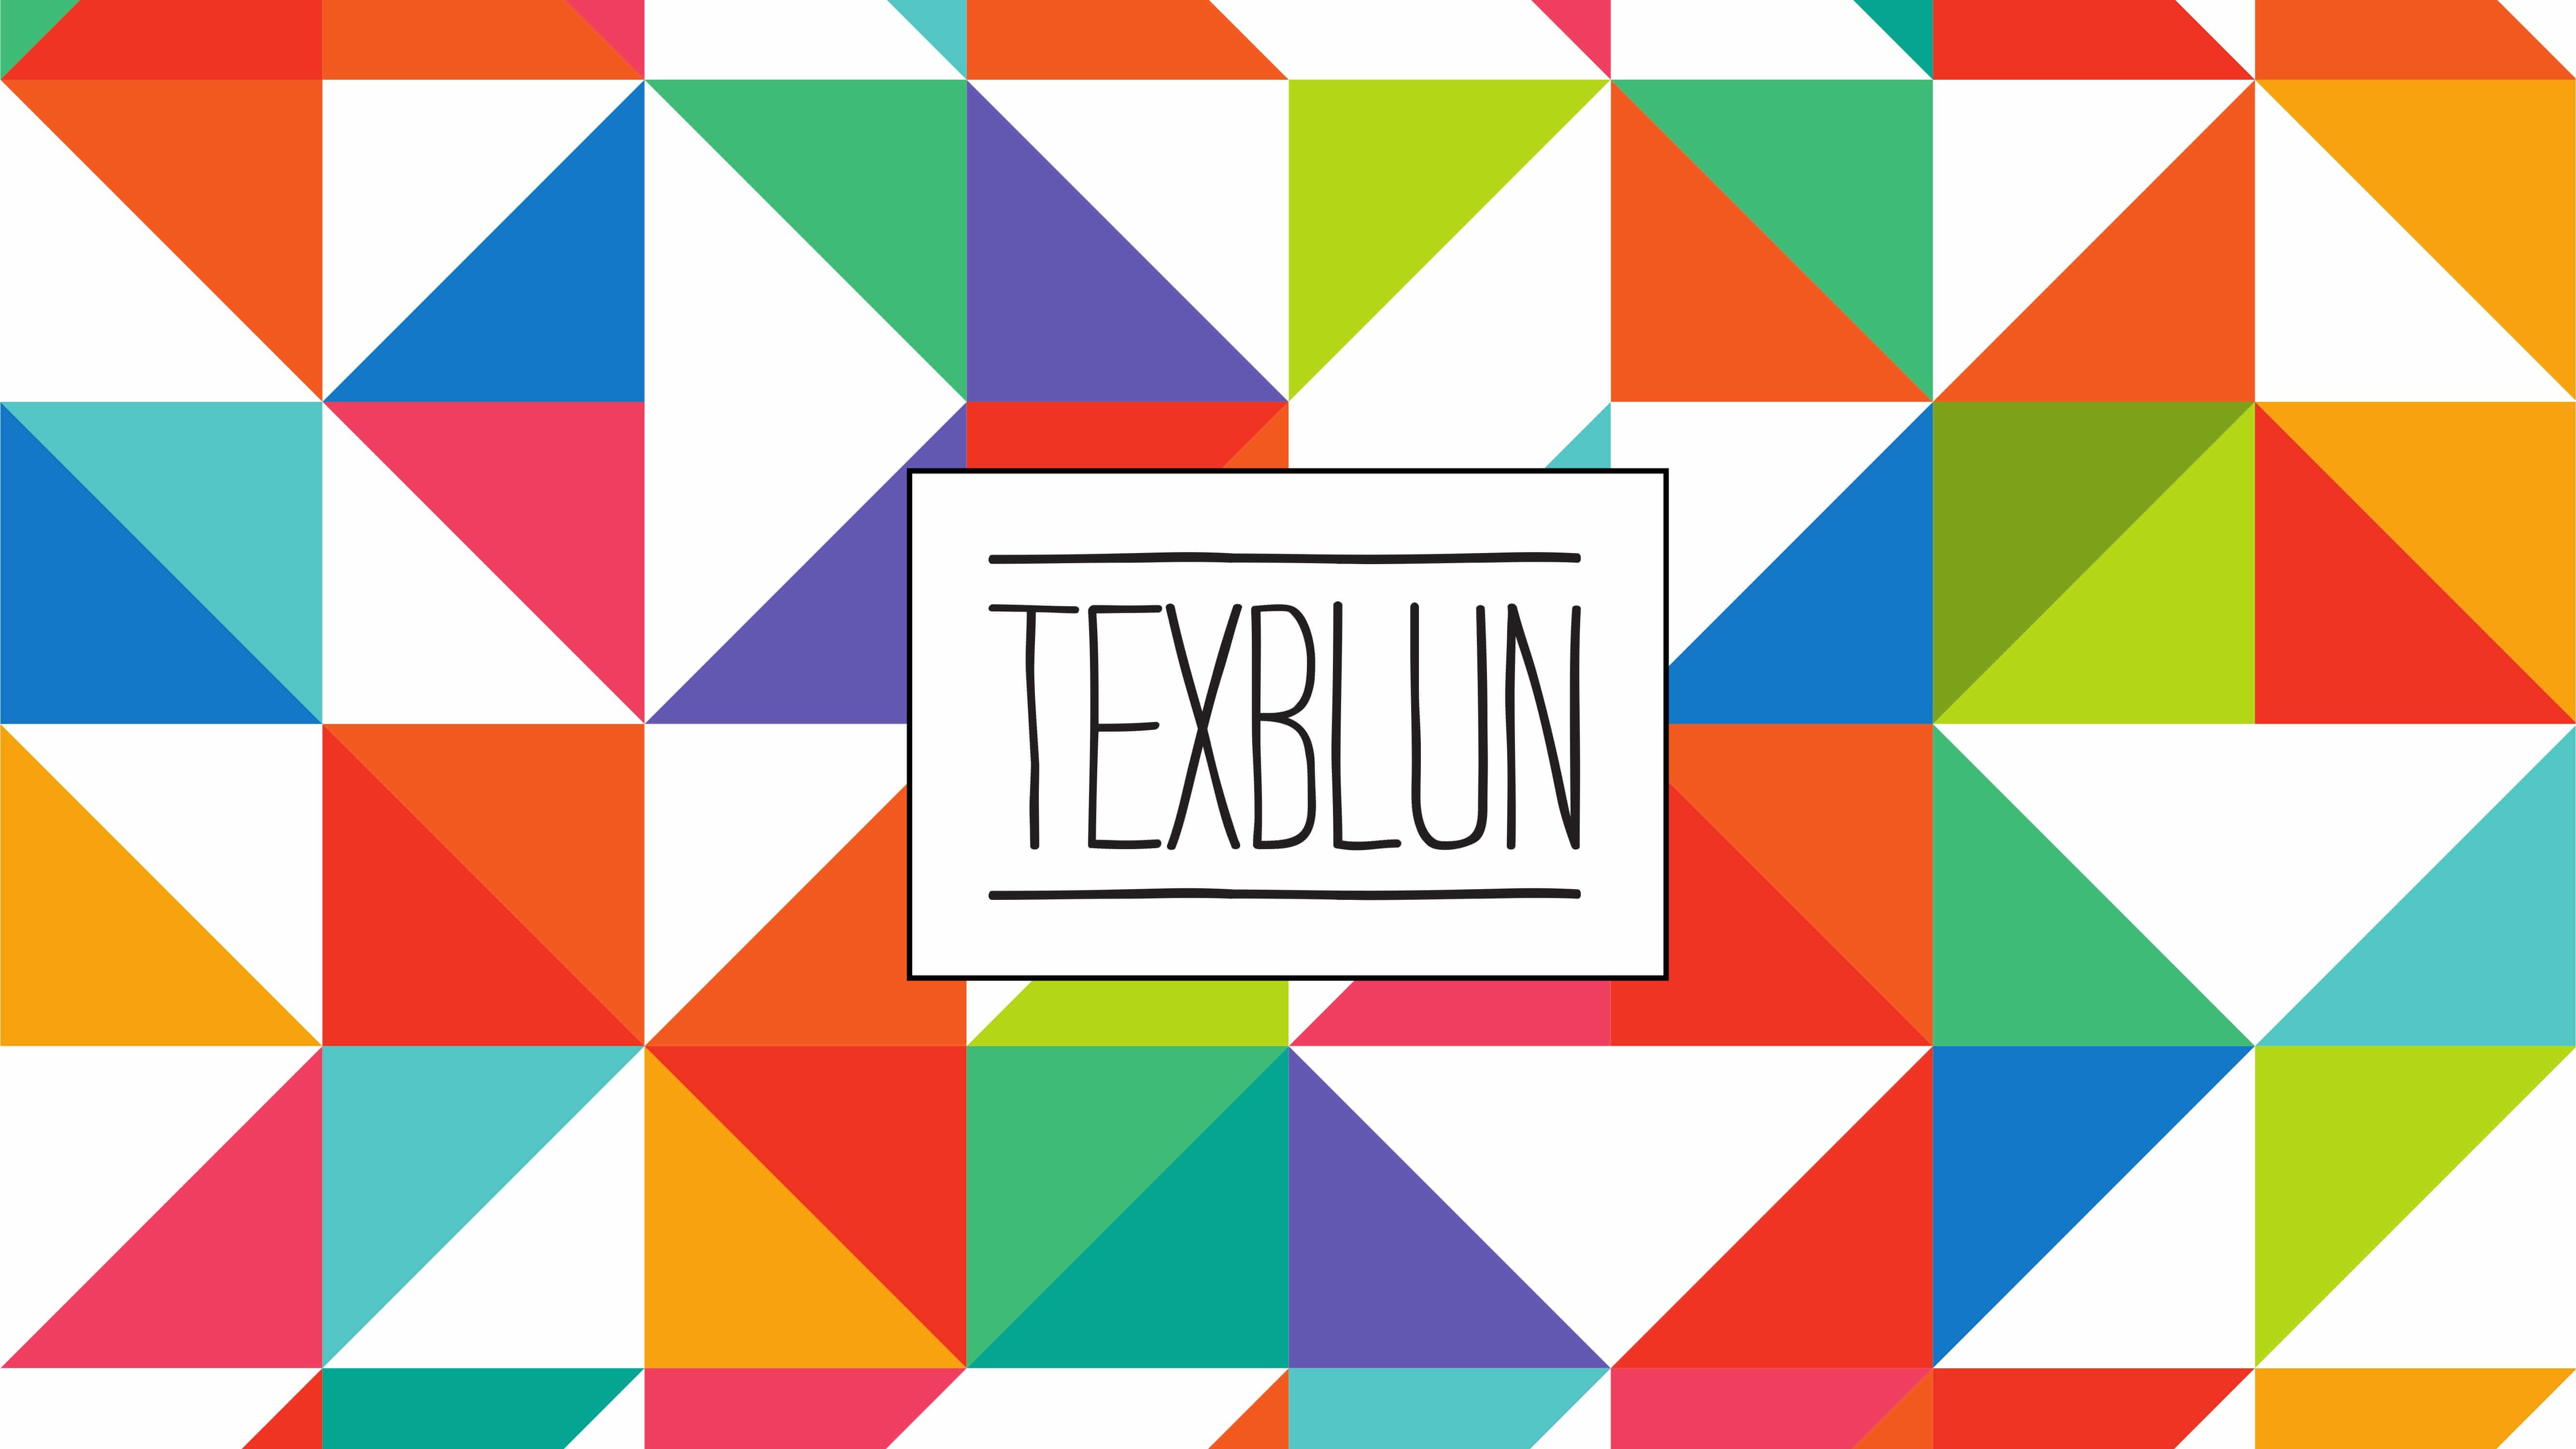 Texblun_-_vfinal_5-01